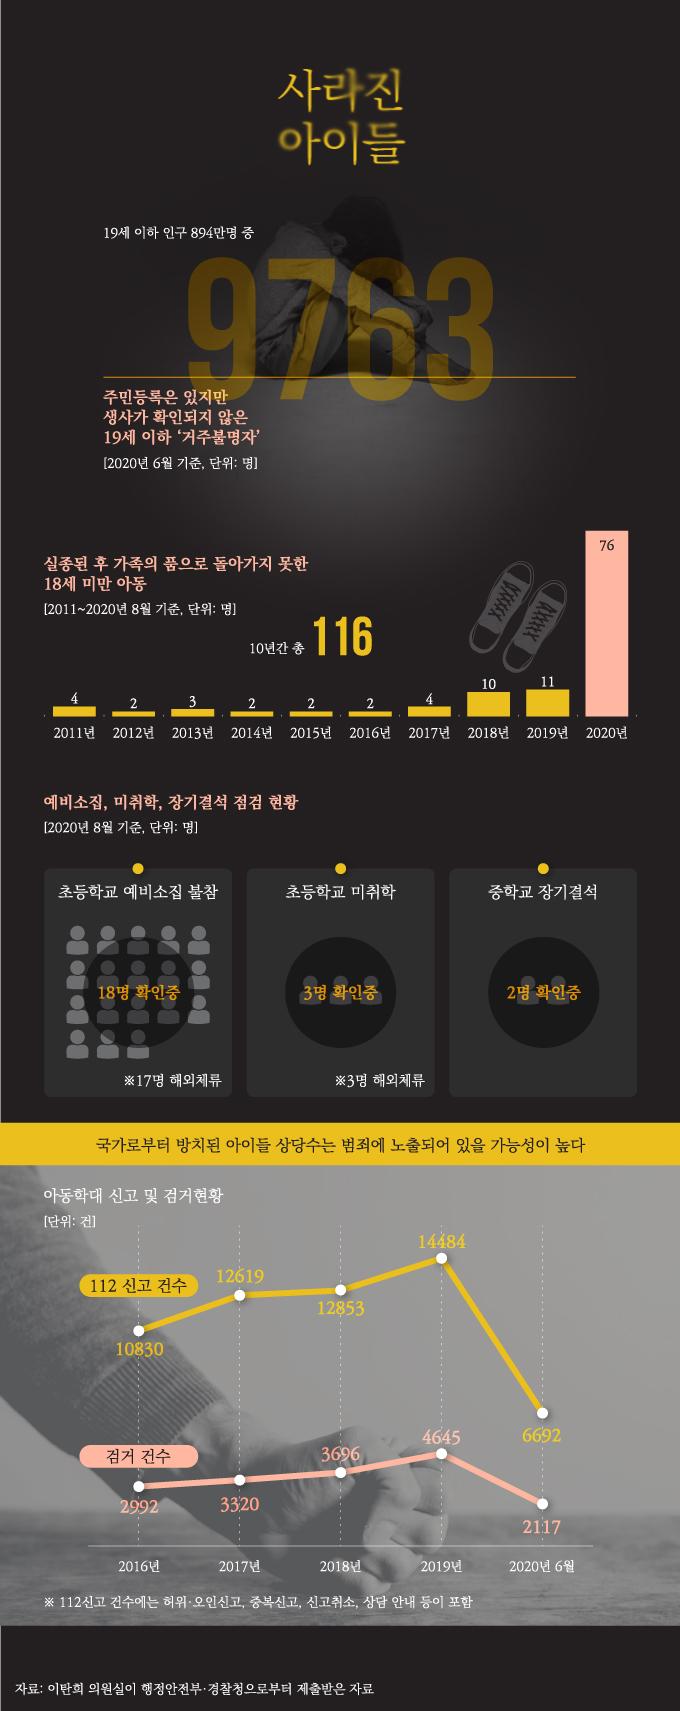 [그래픽뉴스] 생사 모르는 사라진 아이들 '1만명'